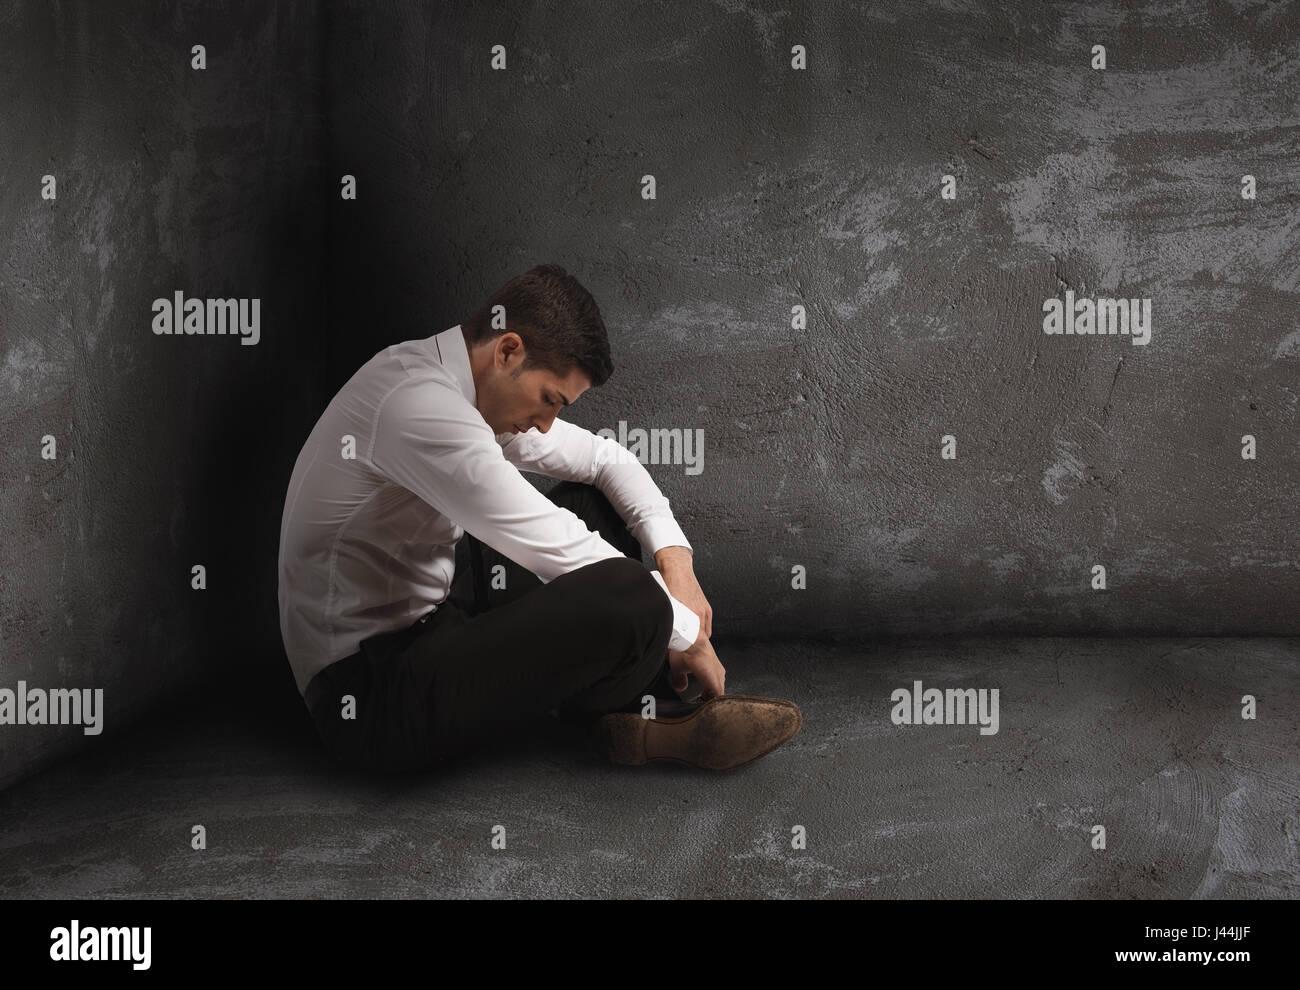 Allein verzweifelter Geschäftsmann. Einsamkeit und Versagen Konzept Stockfoto